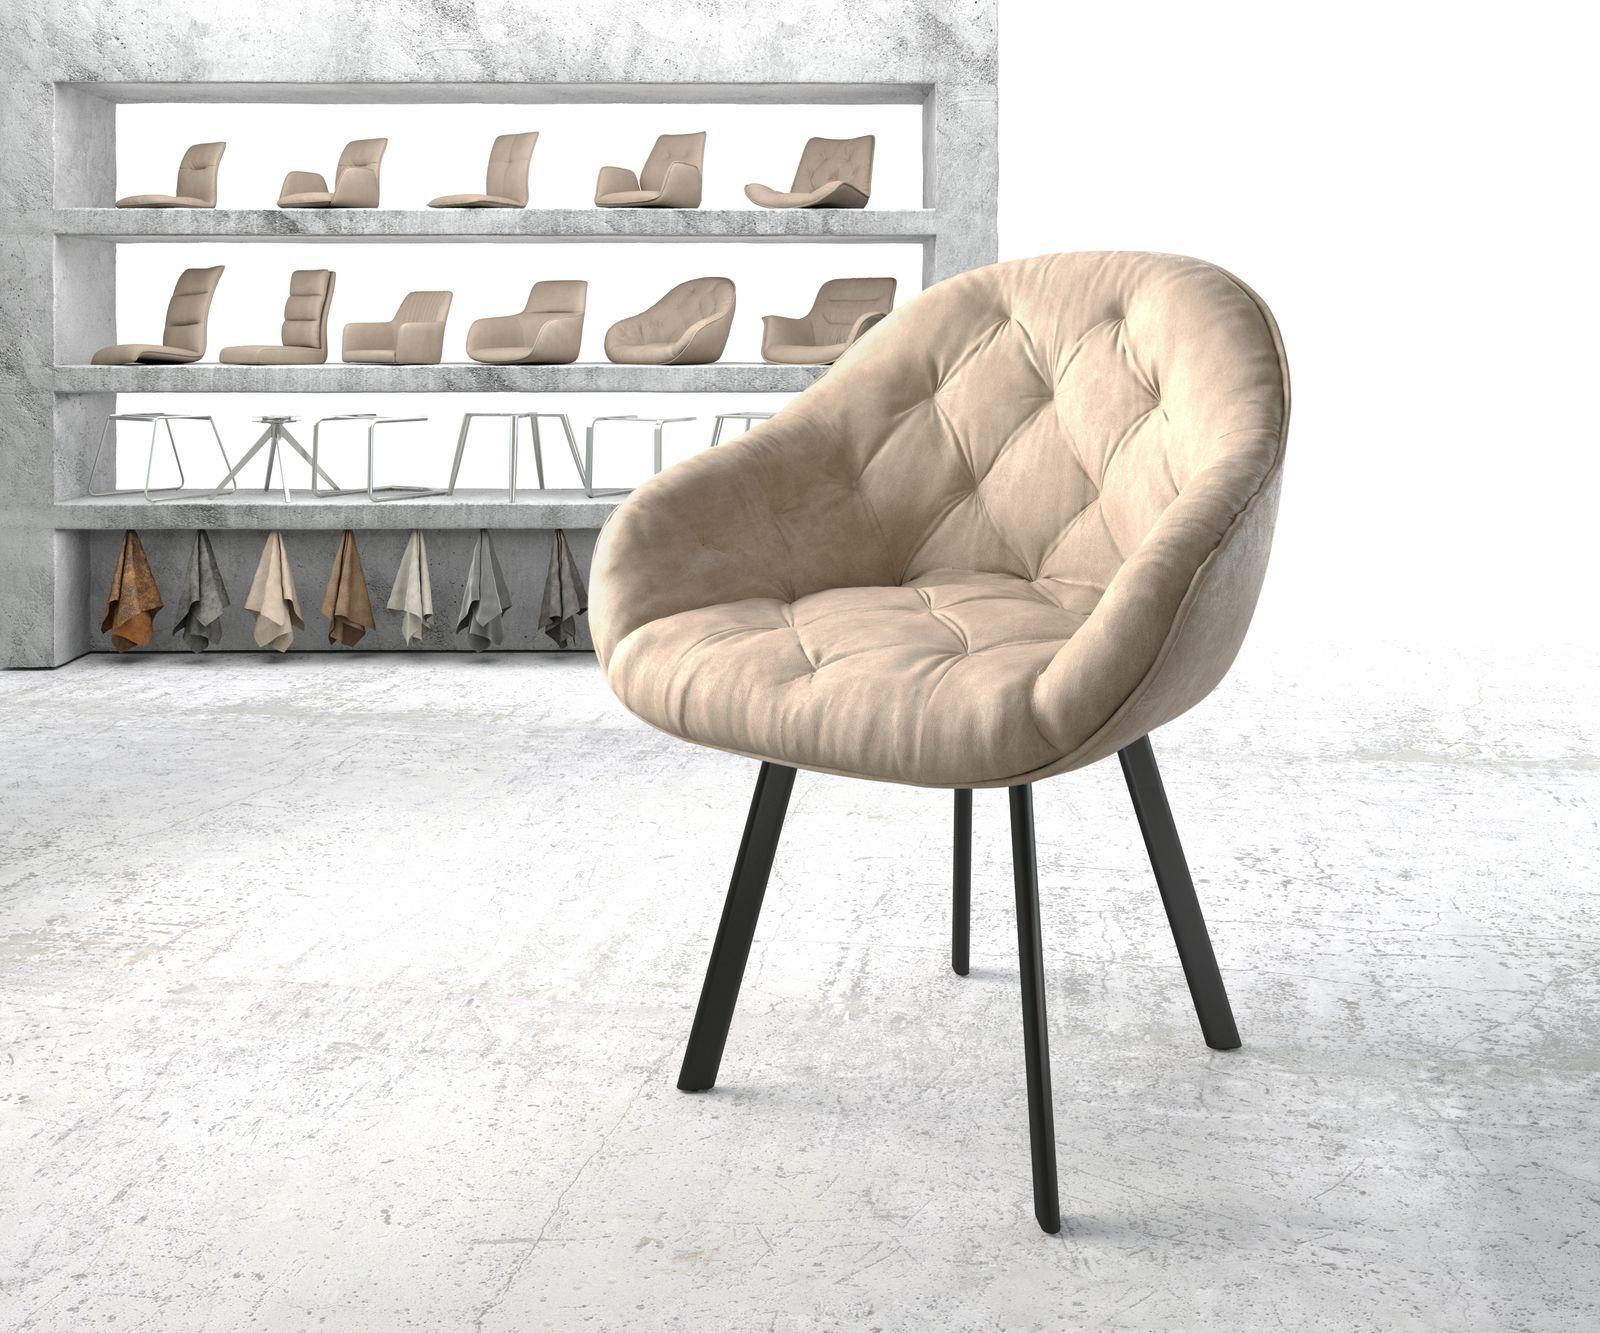 delife-armlehnstuhl-gaio-flex-beige-vintage-4-fu-oval-schwarz-esszimmerstuhle